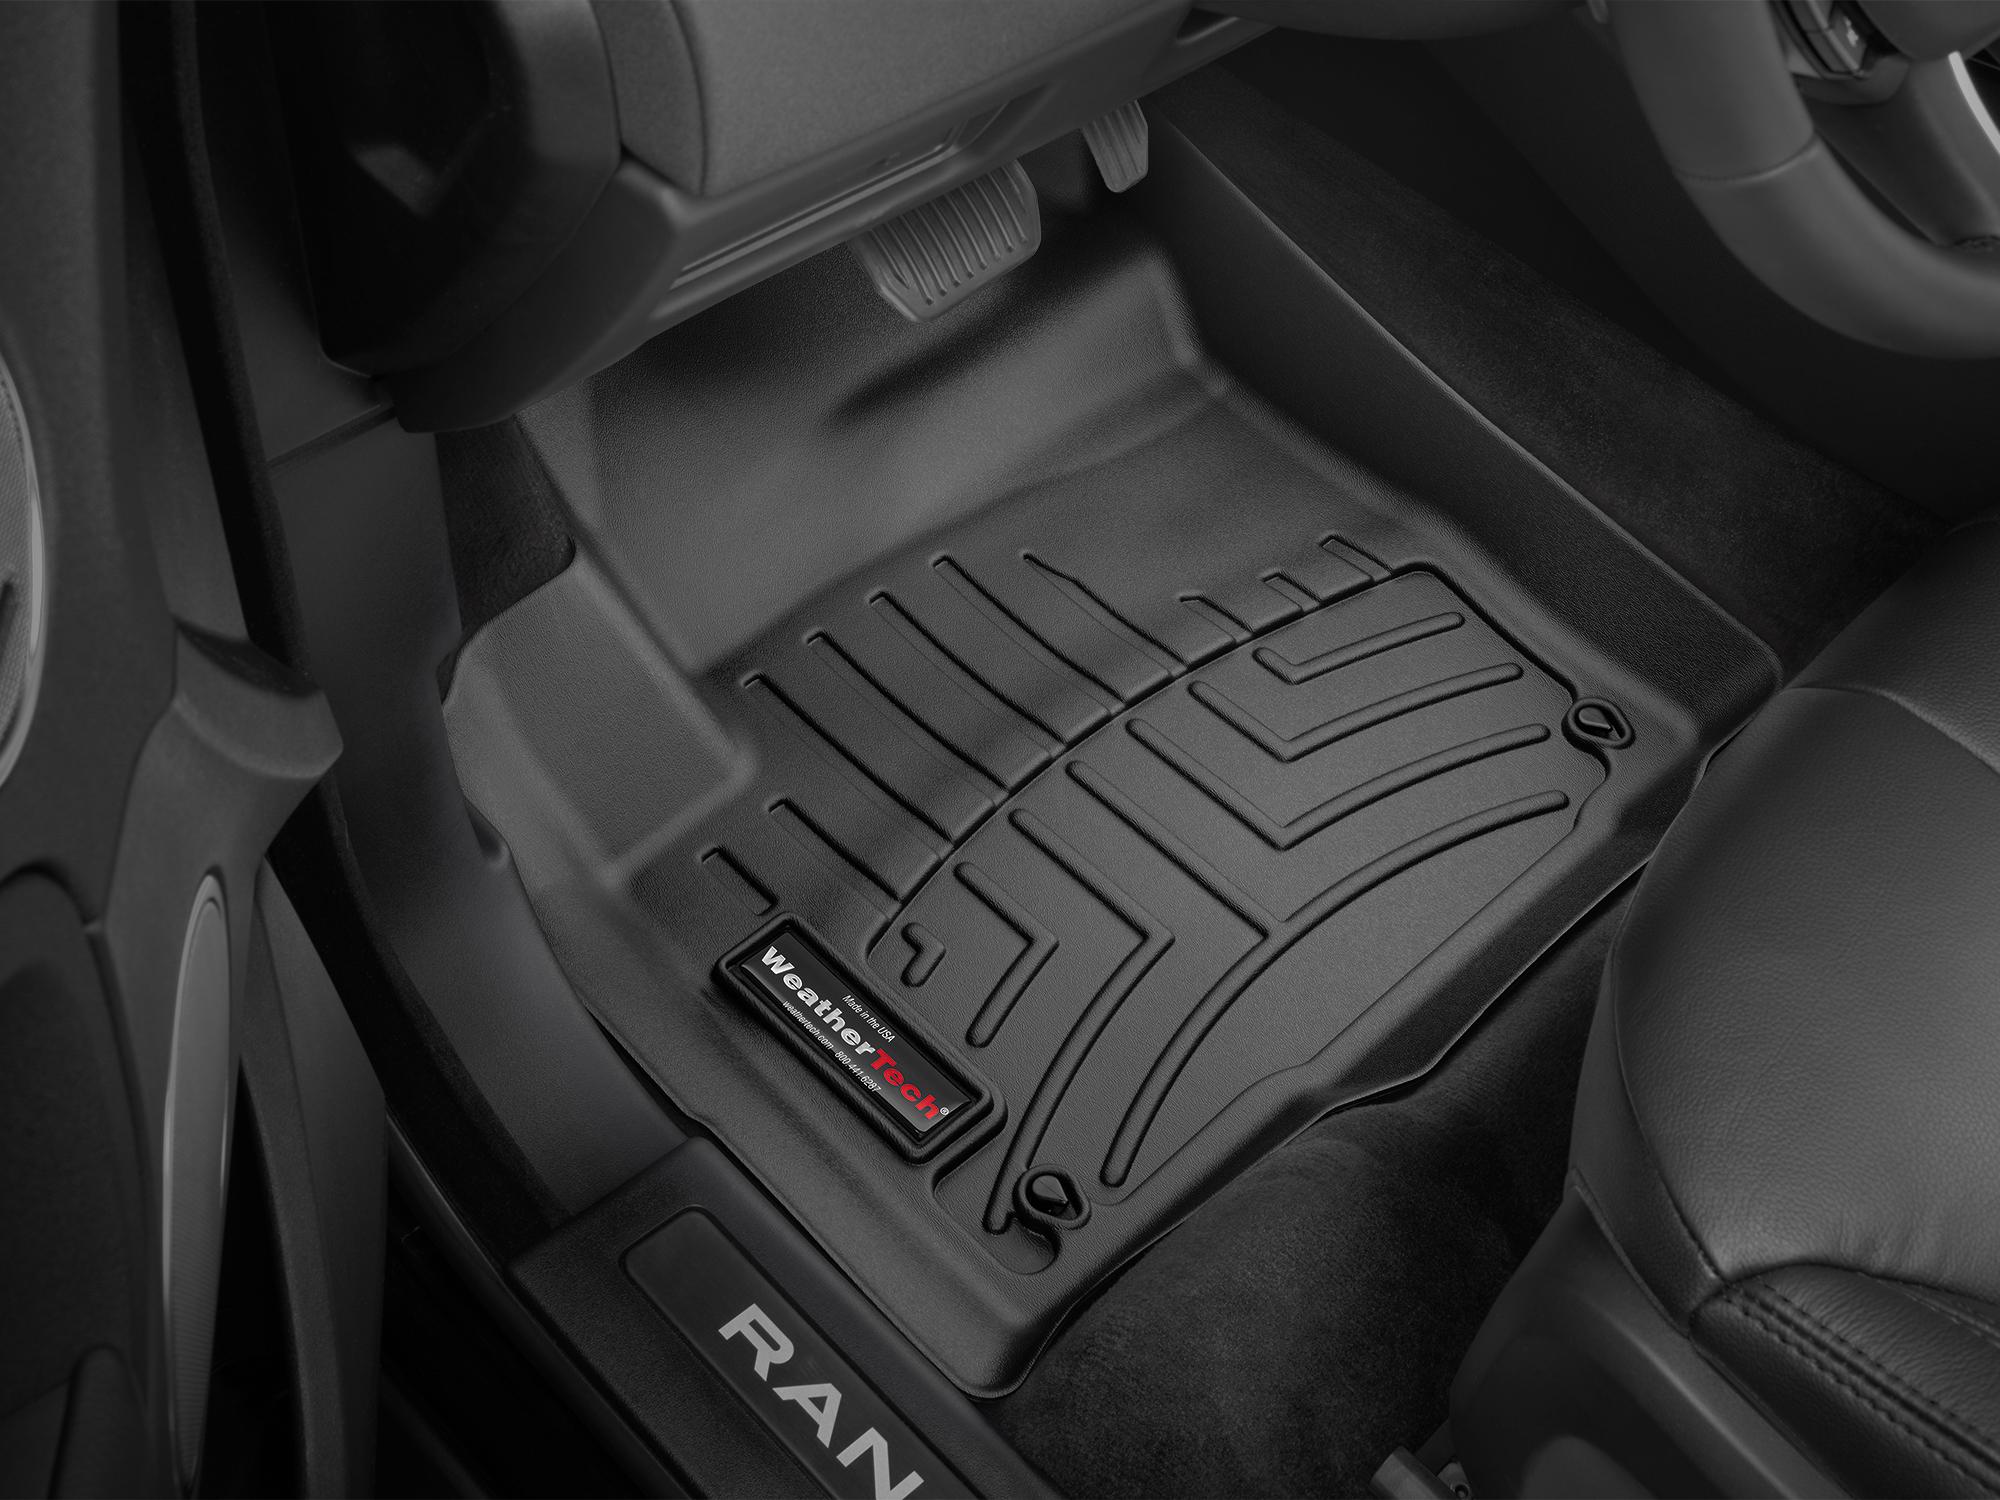 Tappeti gomma su misura bordo alto Land Rover 16>17 Nero A2009*